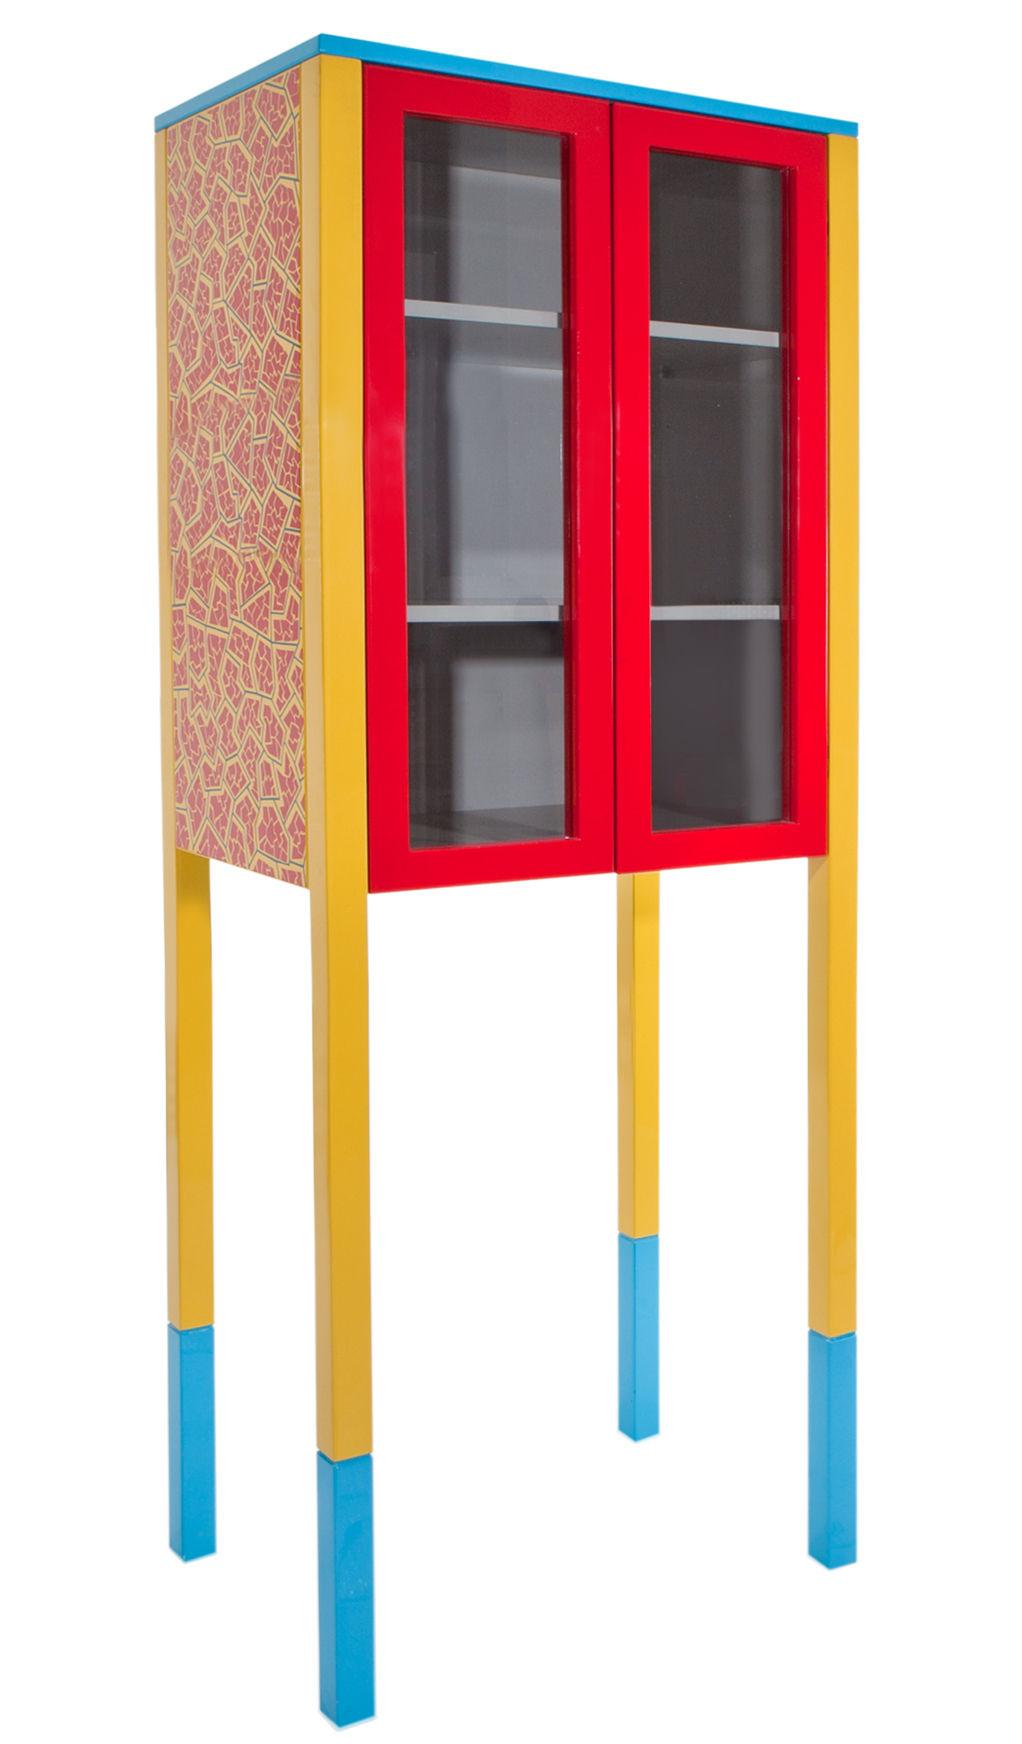 Möbel - Aufbewahrungsmöbel - D'Antibes Nachttisch von George J. Sowden / 1981 - Memphis Milano - Gelb, rot & blau - Glas, lackiertes Holz